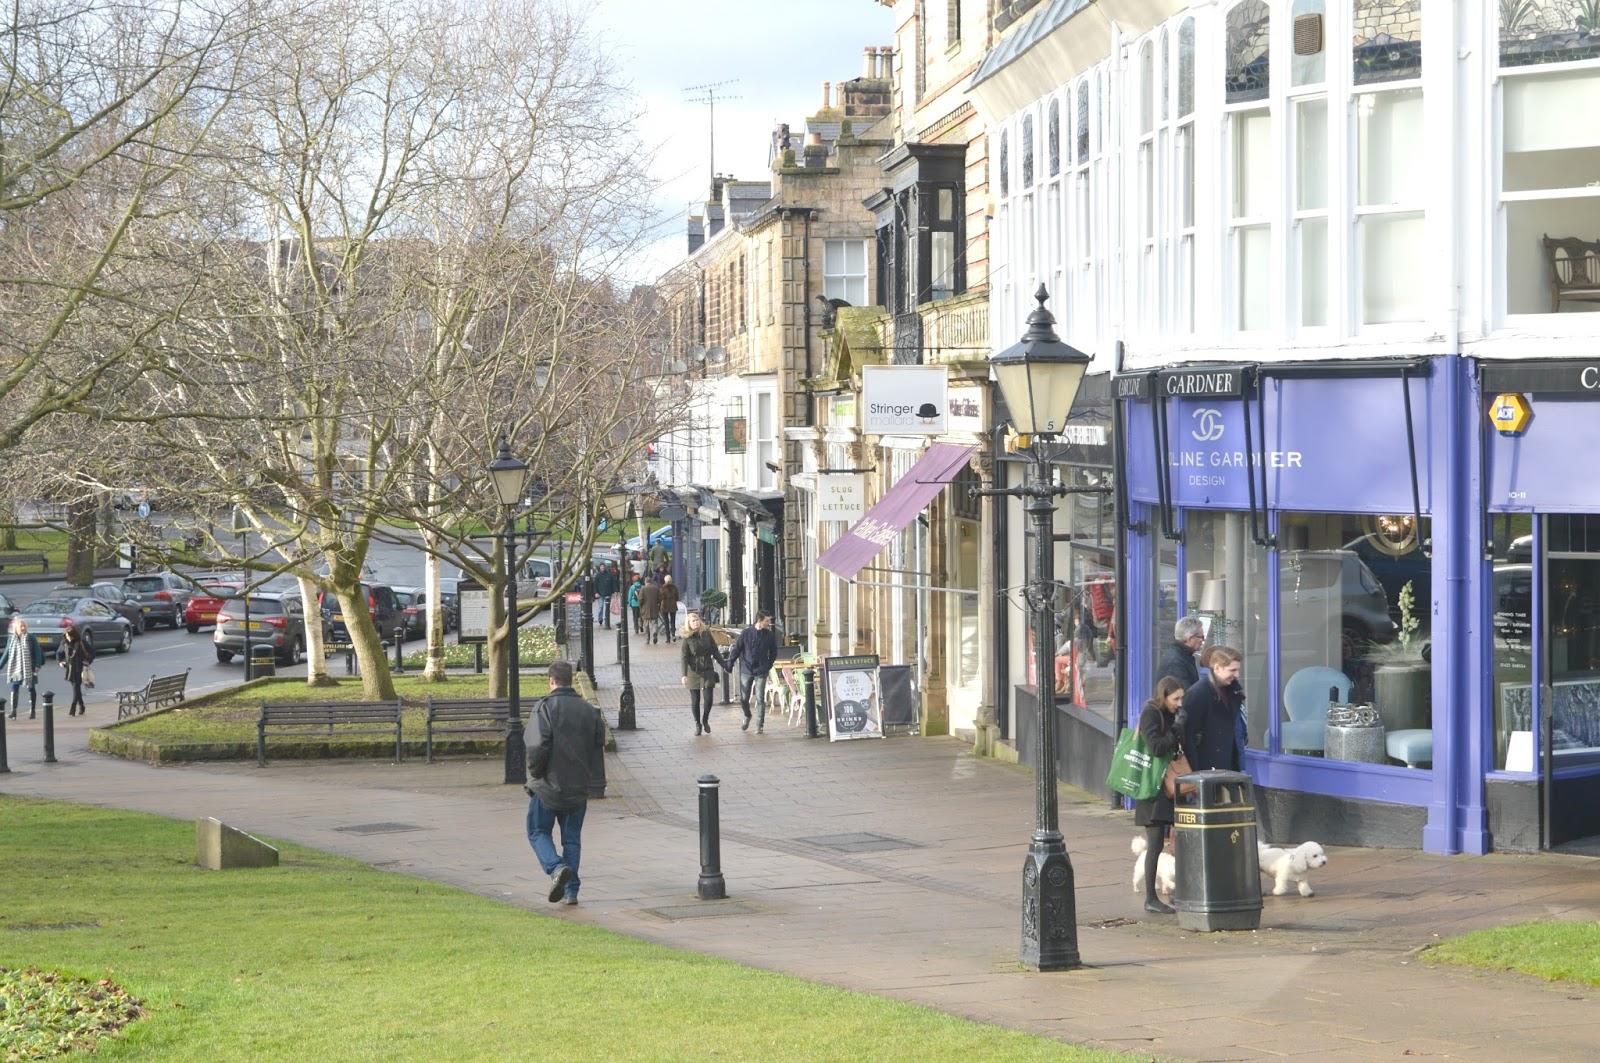 A Weekend in Harrogate